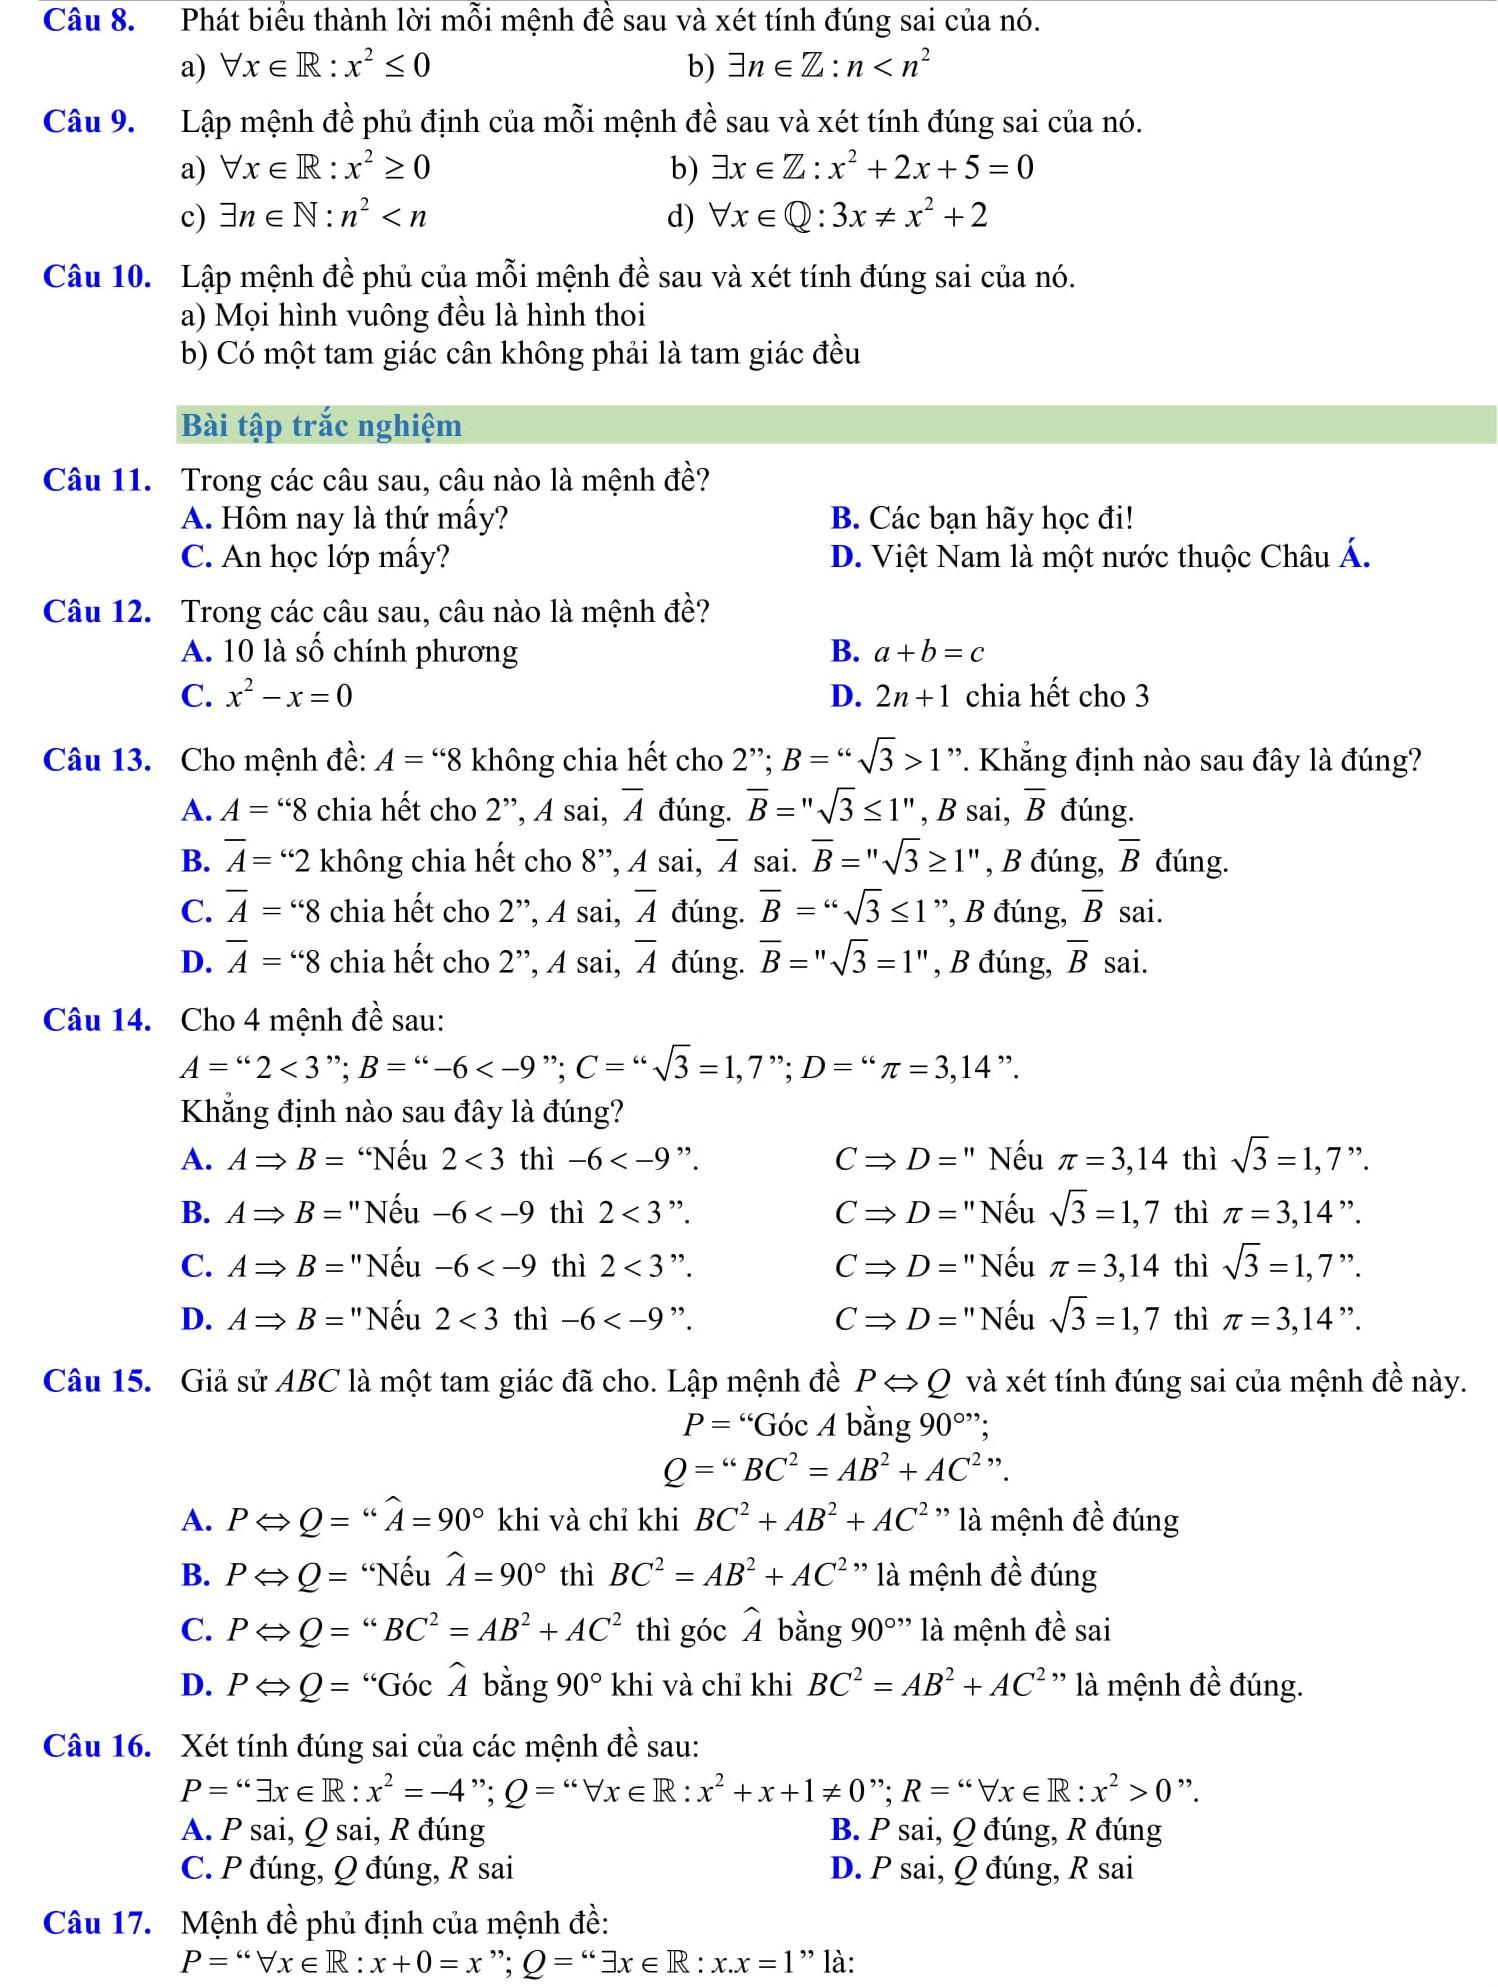 Các bài tập về mệnh đề - Đại số 10 chương 1